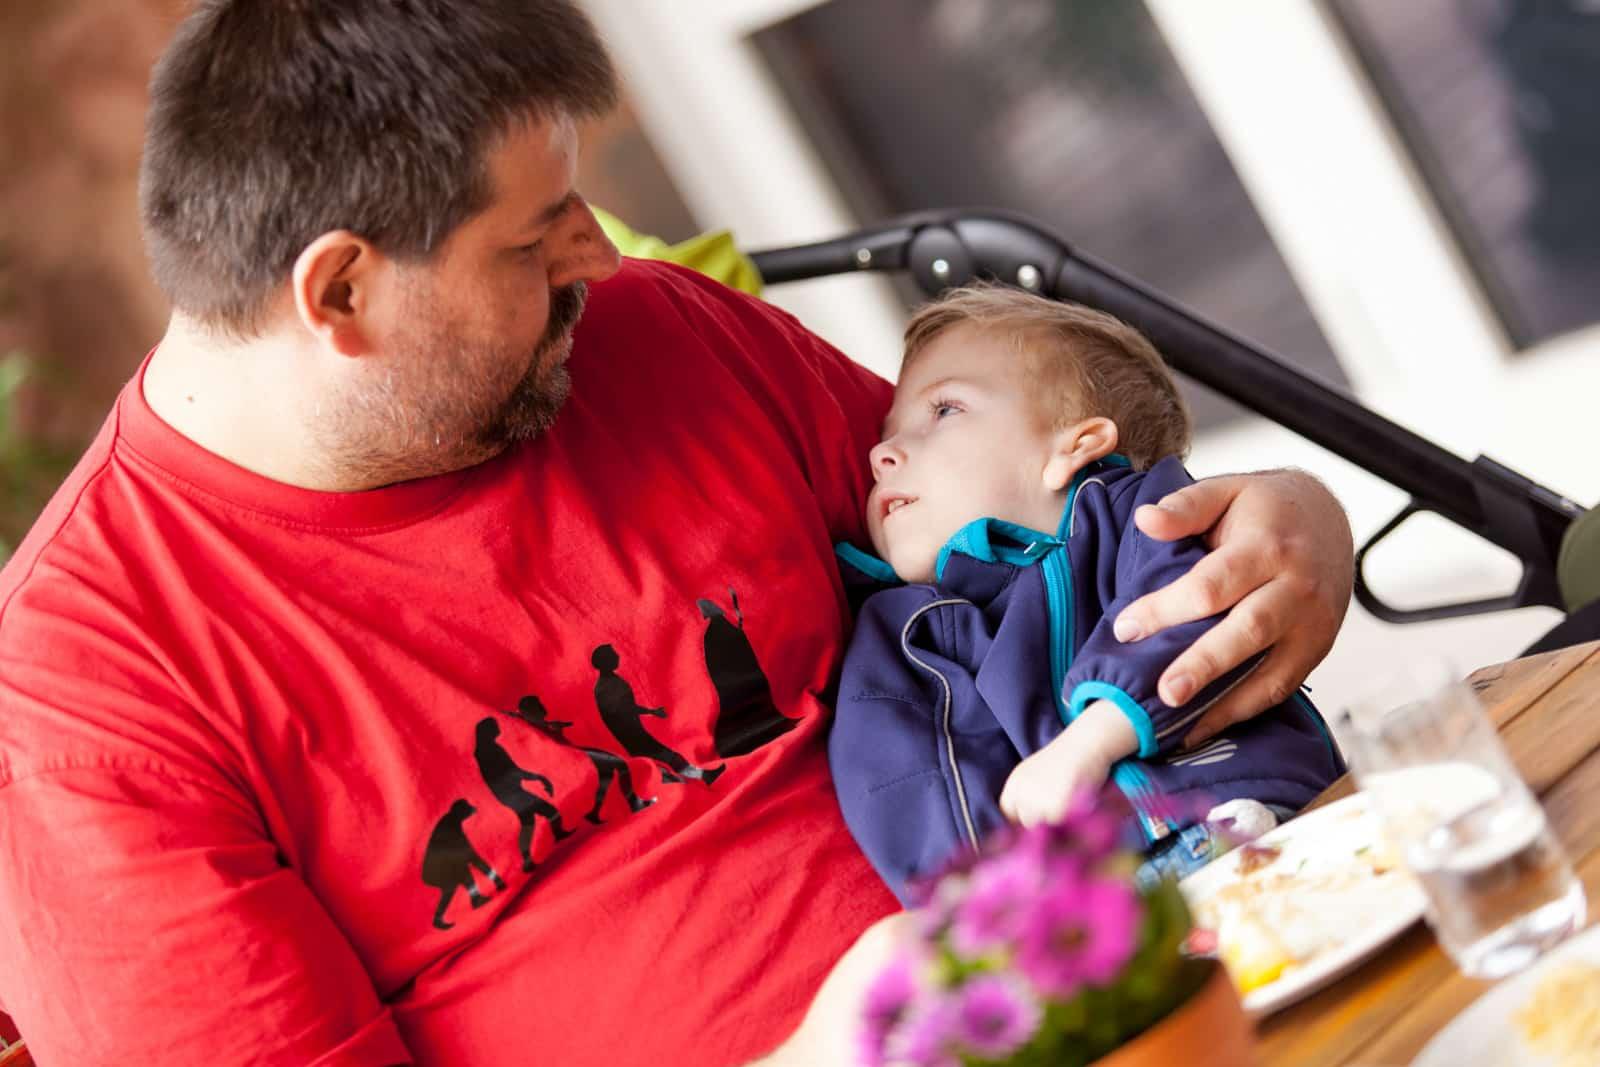 Ein Mann hat sein schwer erkranktes Kind im Arm